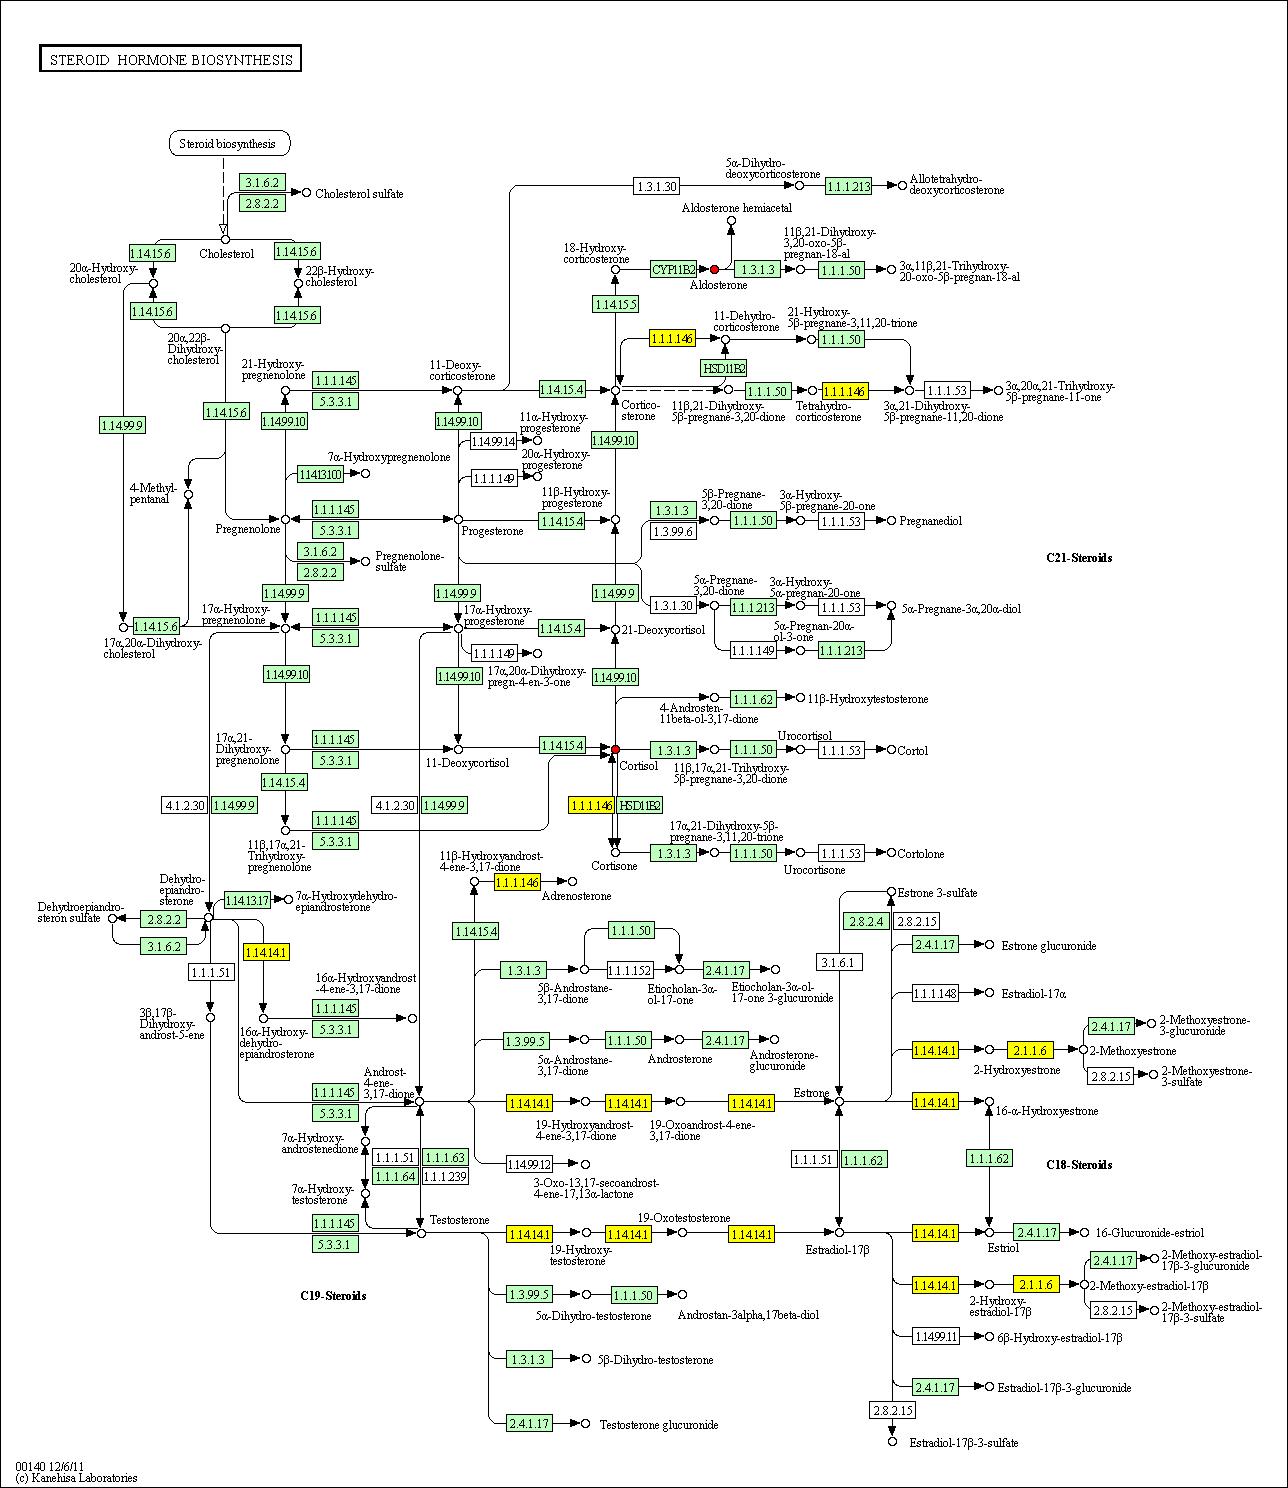 11 beta hydroxysteroid dehydrogenase type ii